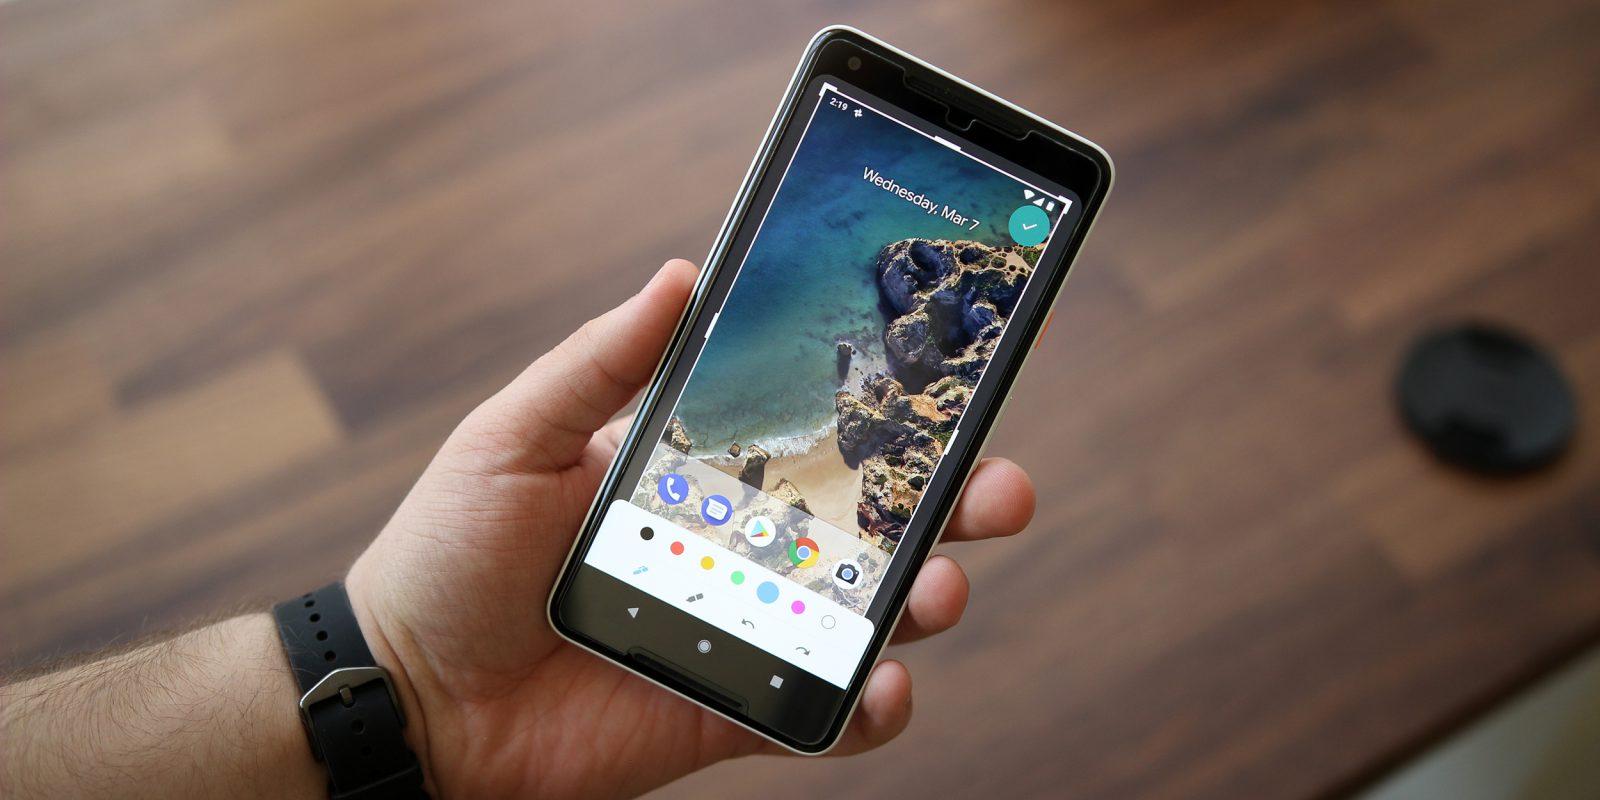 Uživatelé Androidu jsou loajálnější než uživatelé iOS, tvrdí studie